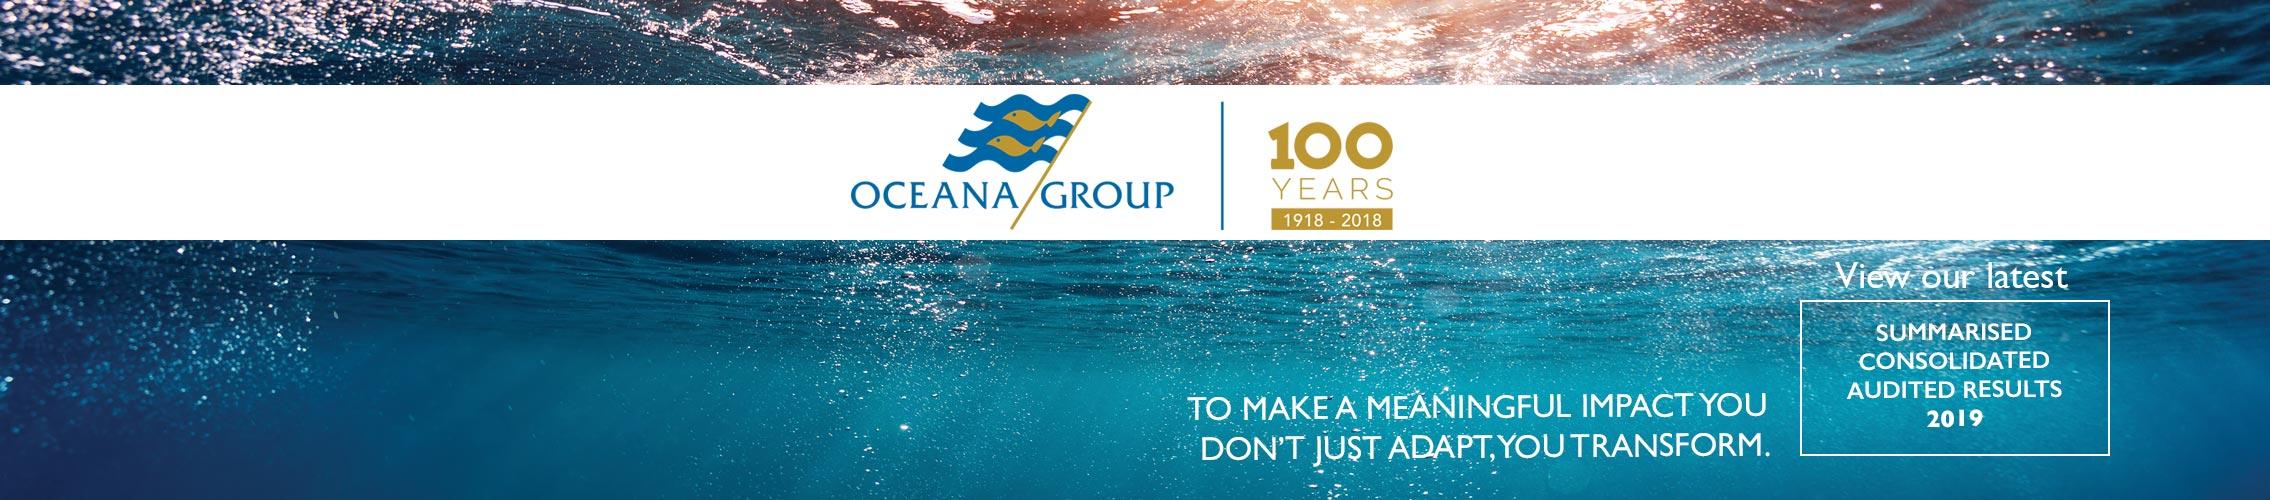 Oceana AFS 2019 banner